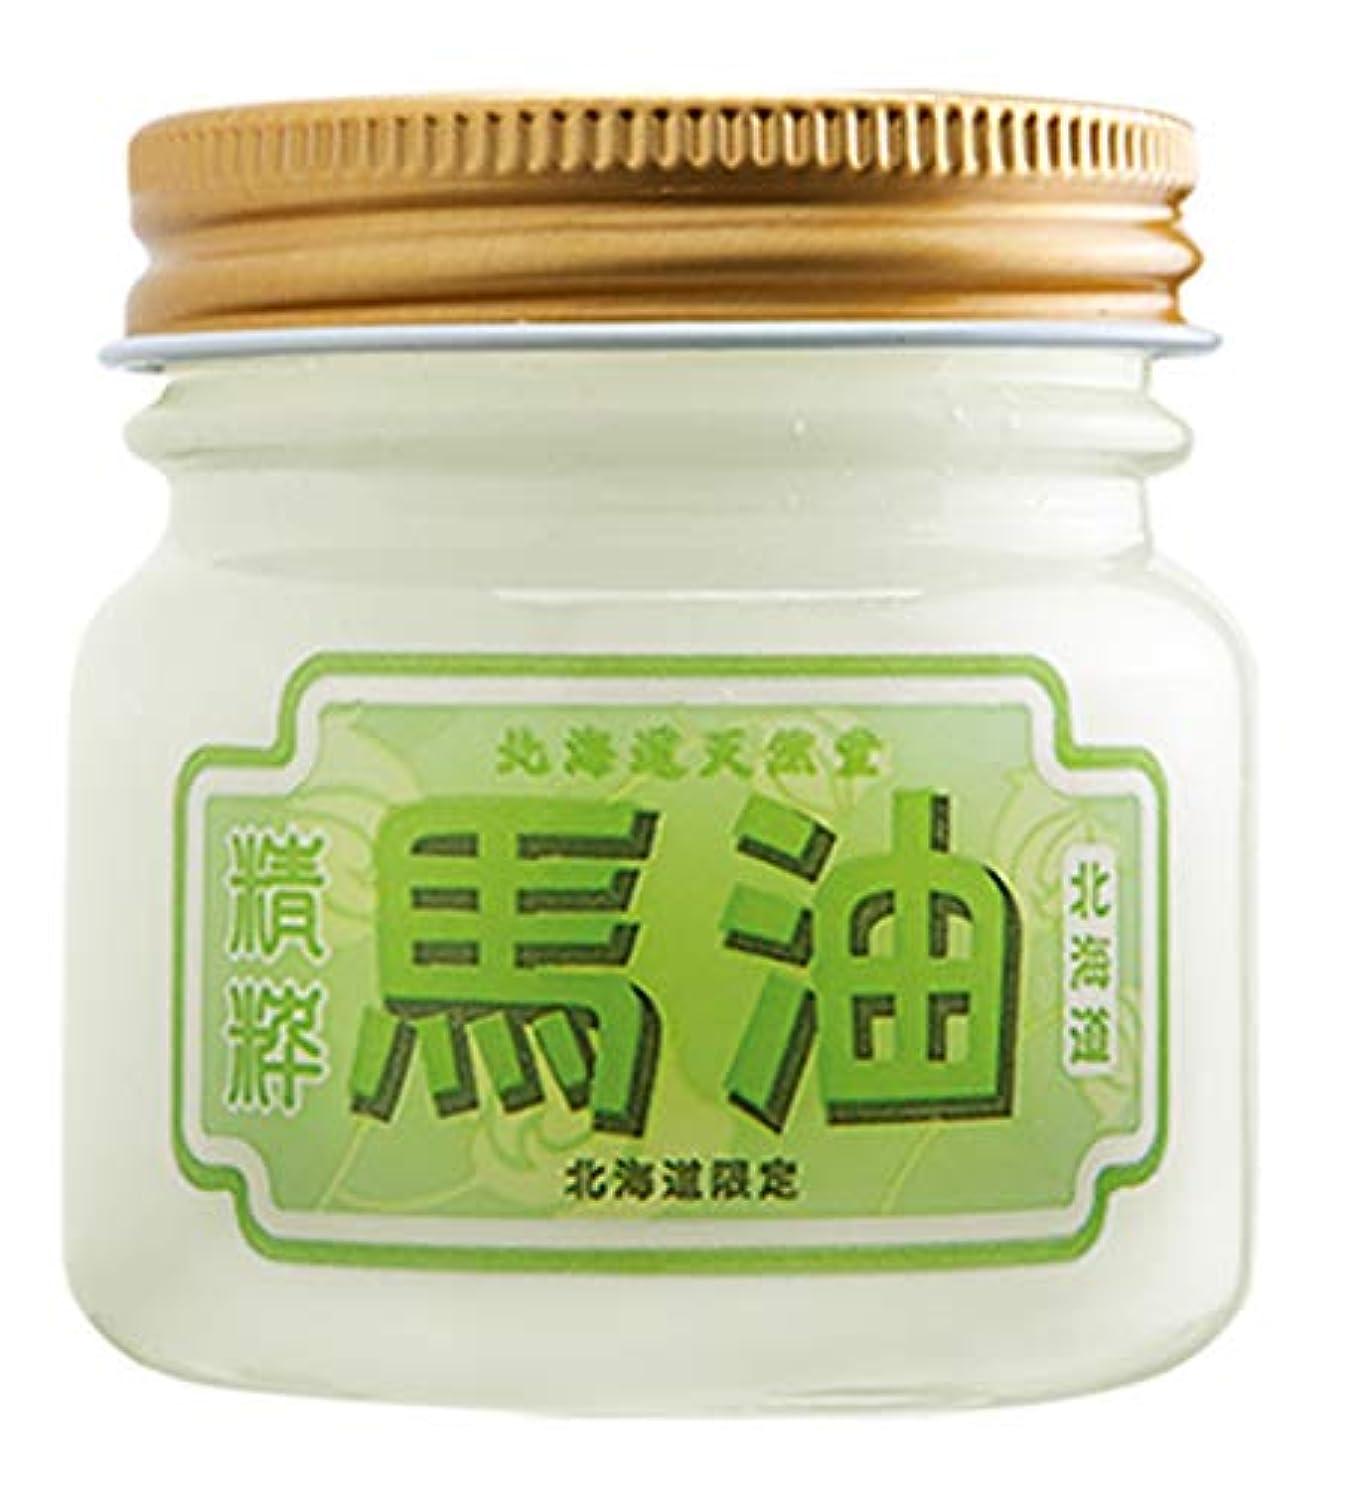 しみ鉄グロー天然堂精粋ピュア馬油 70ml / 北海道天然堂